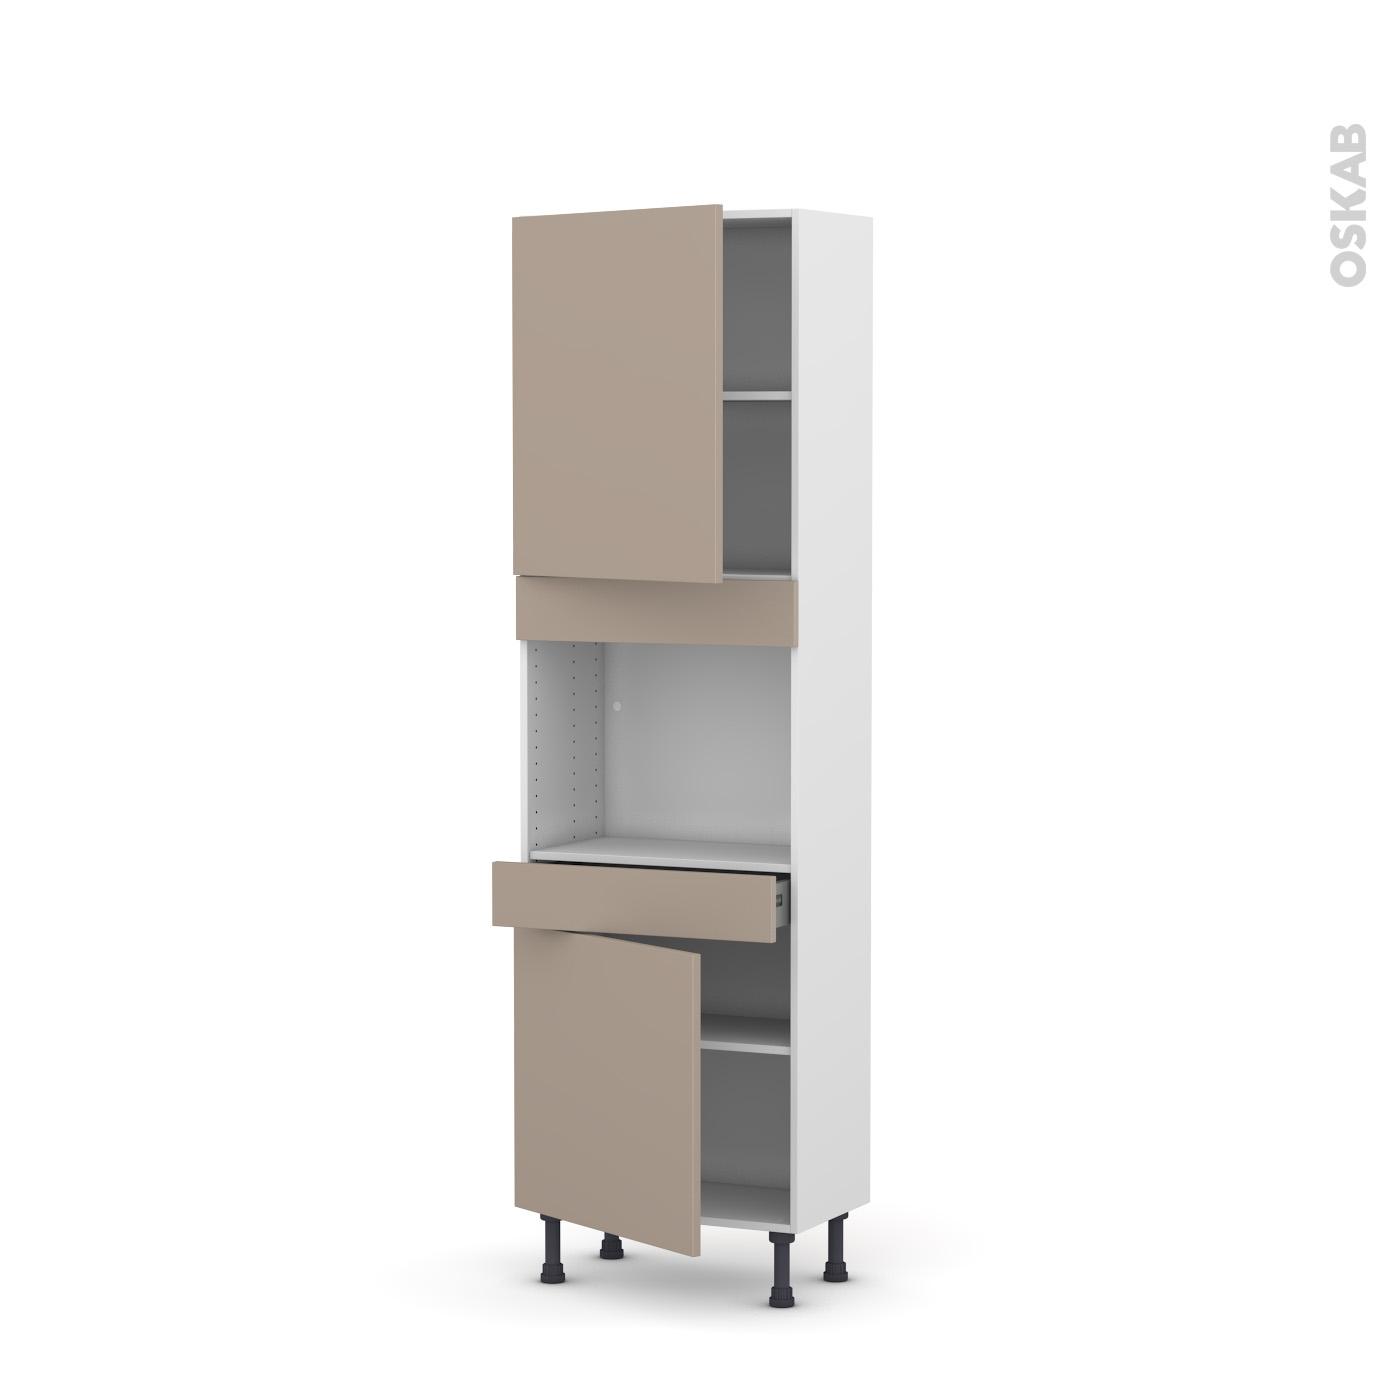 Colonne de cuisine N°144 Four encastrable niche 144 GINKO Taupe, 144 portes 14  tiroir, L14 x H1495 x P14 cm